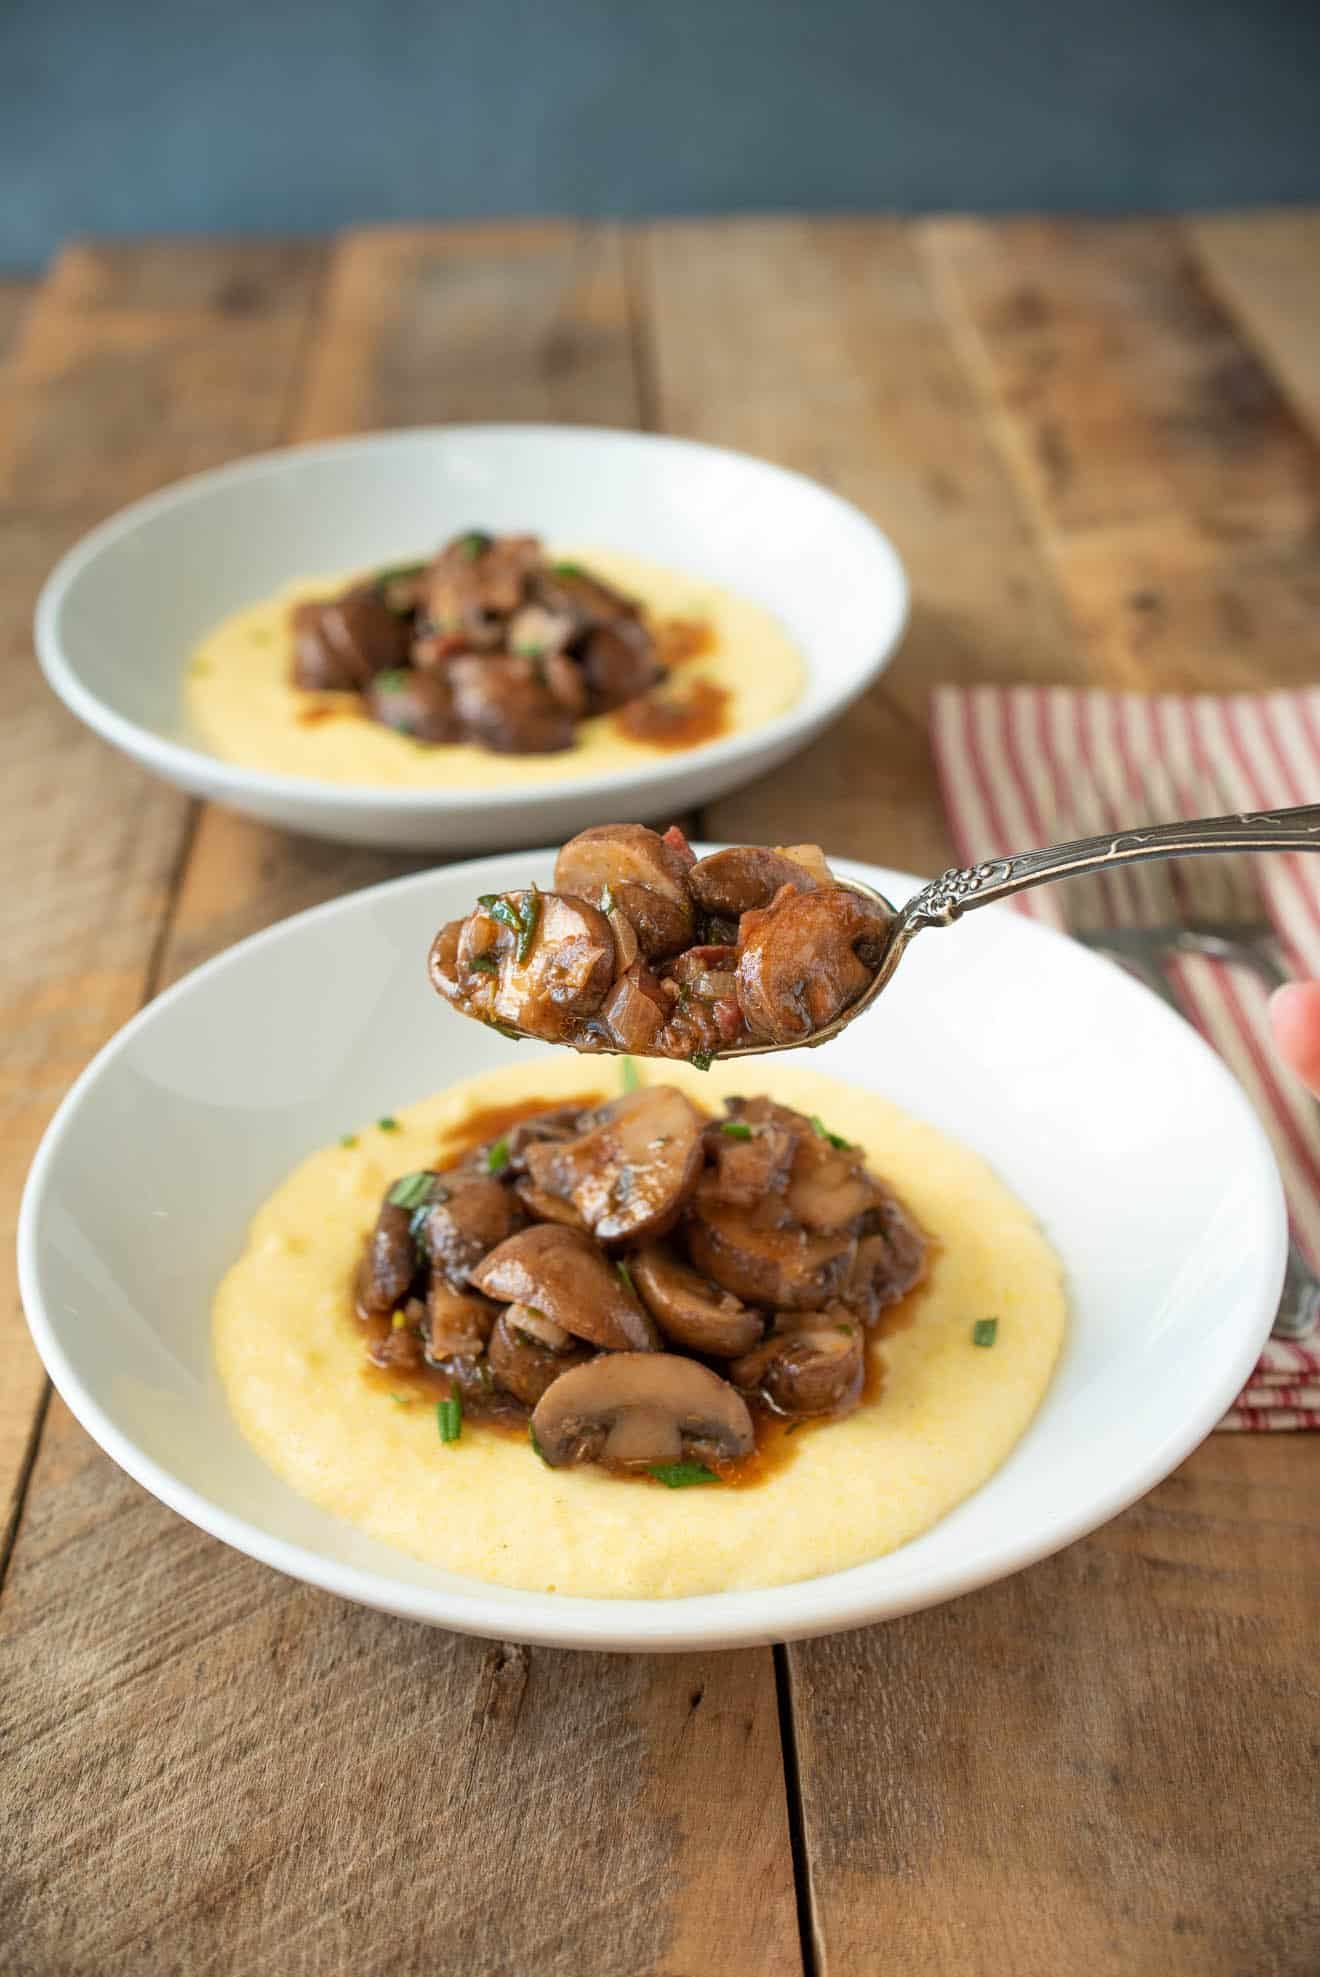 A spoonful of mushroom ragu